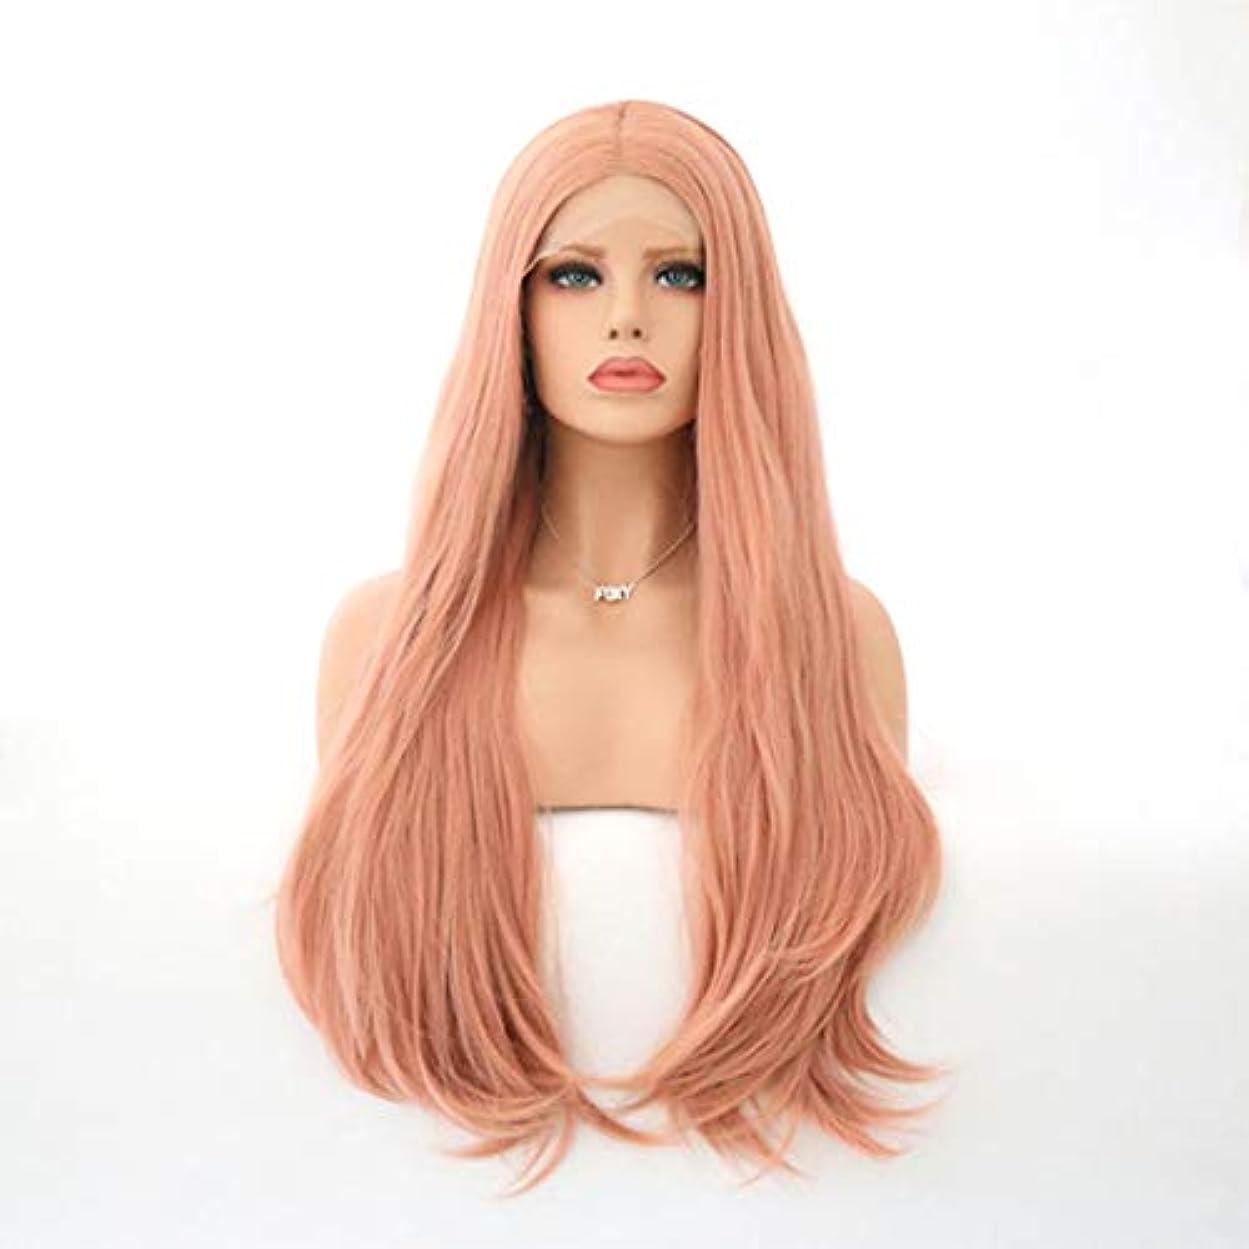 国老人複雑でないSummerys 女性のための自然な長い巻き毛のかつらの代わりとなるかつら合成繊維の毛髪のかつら